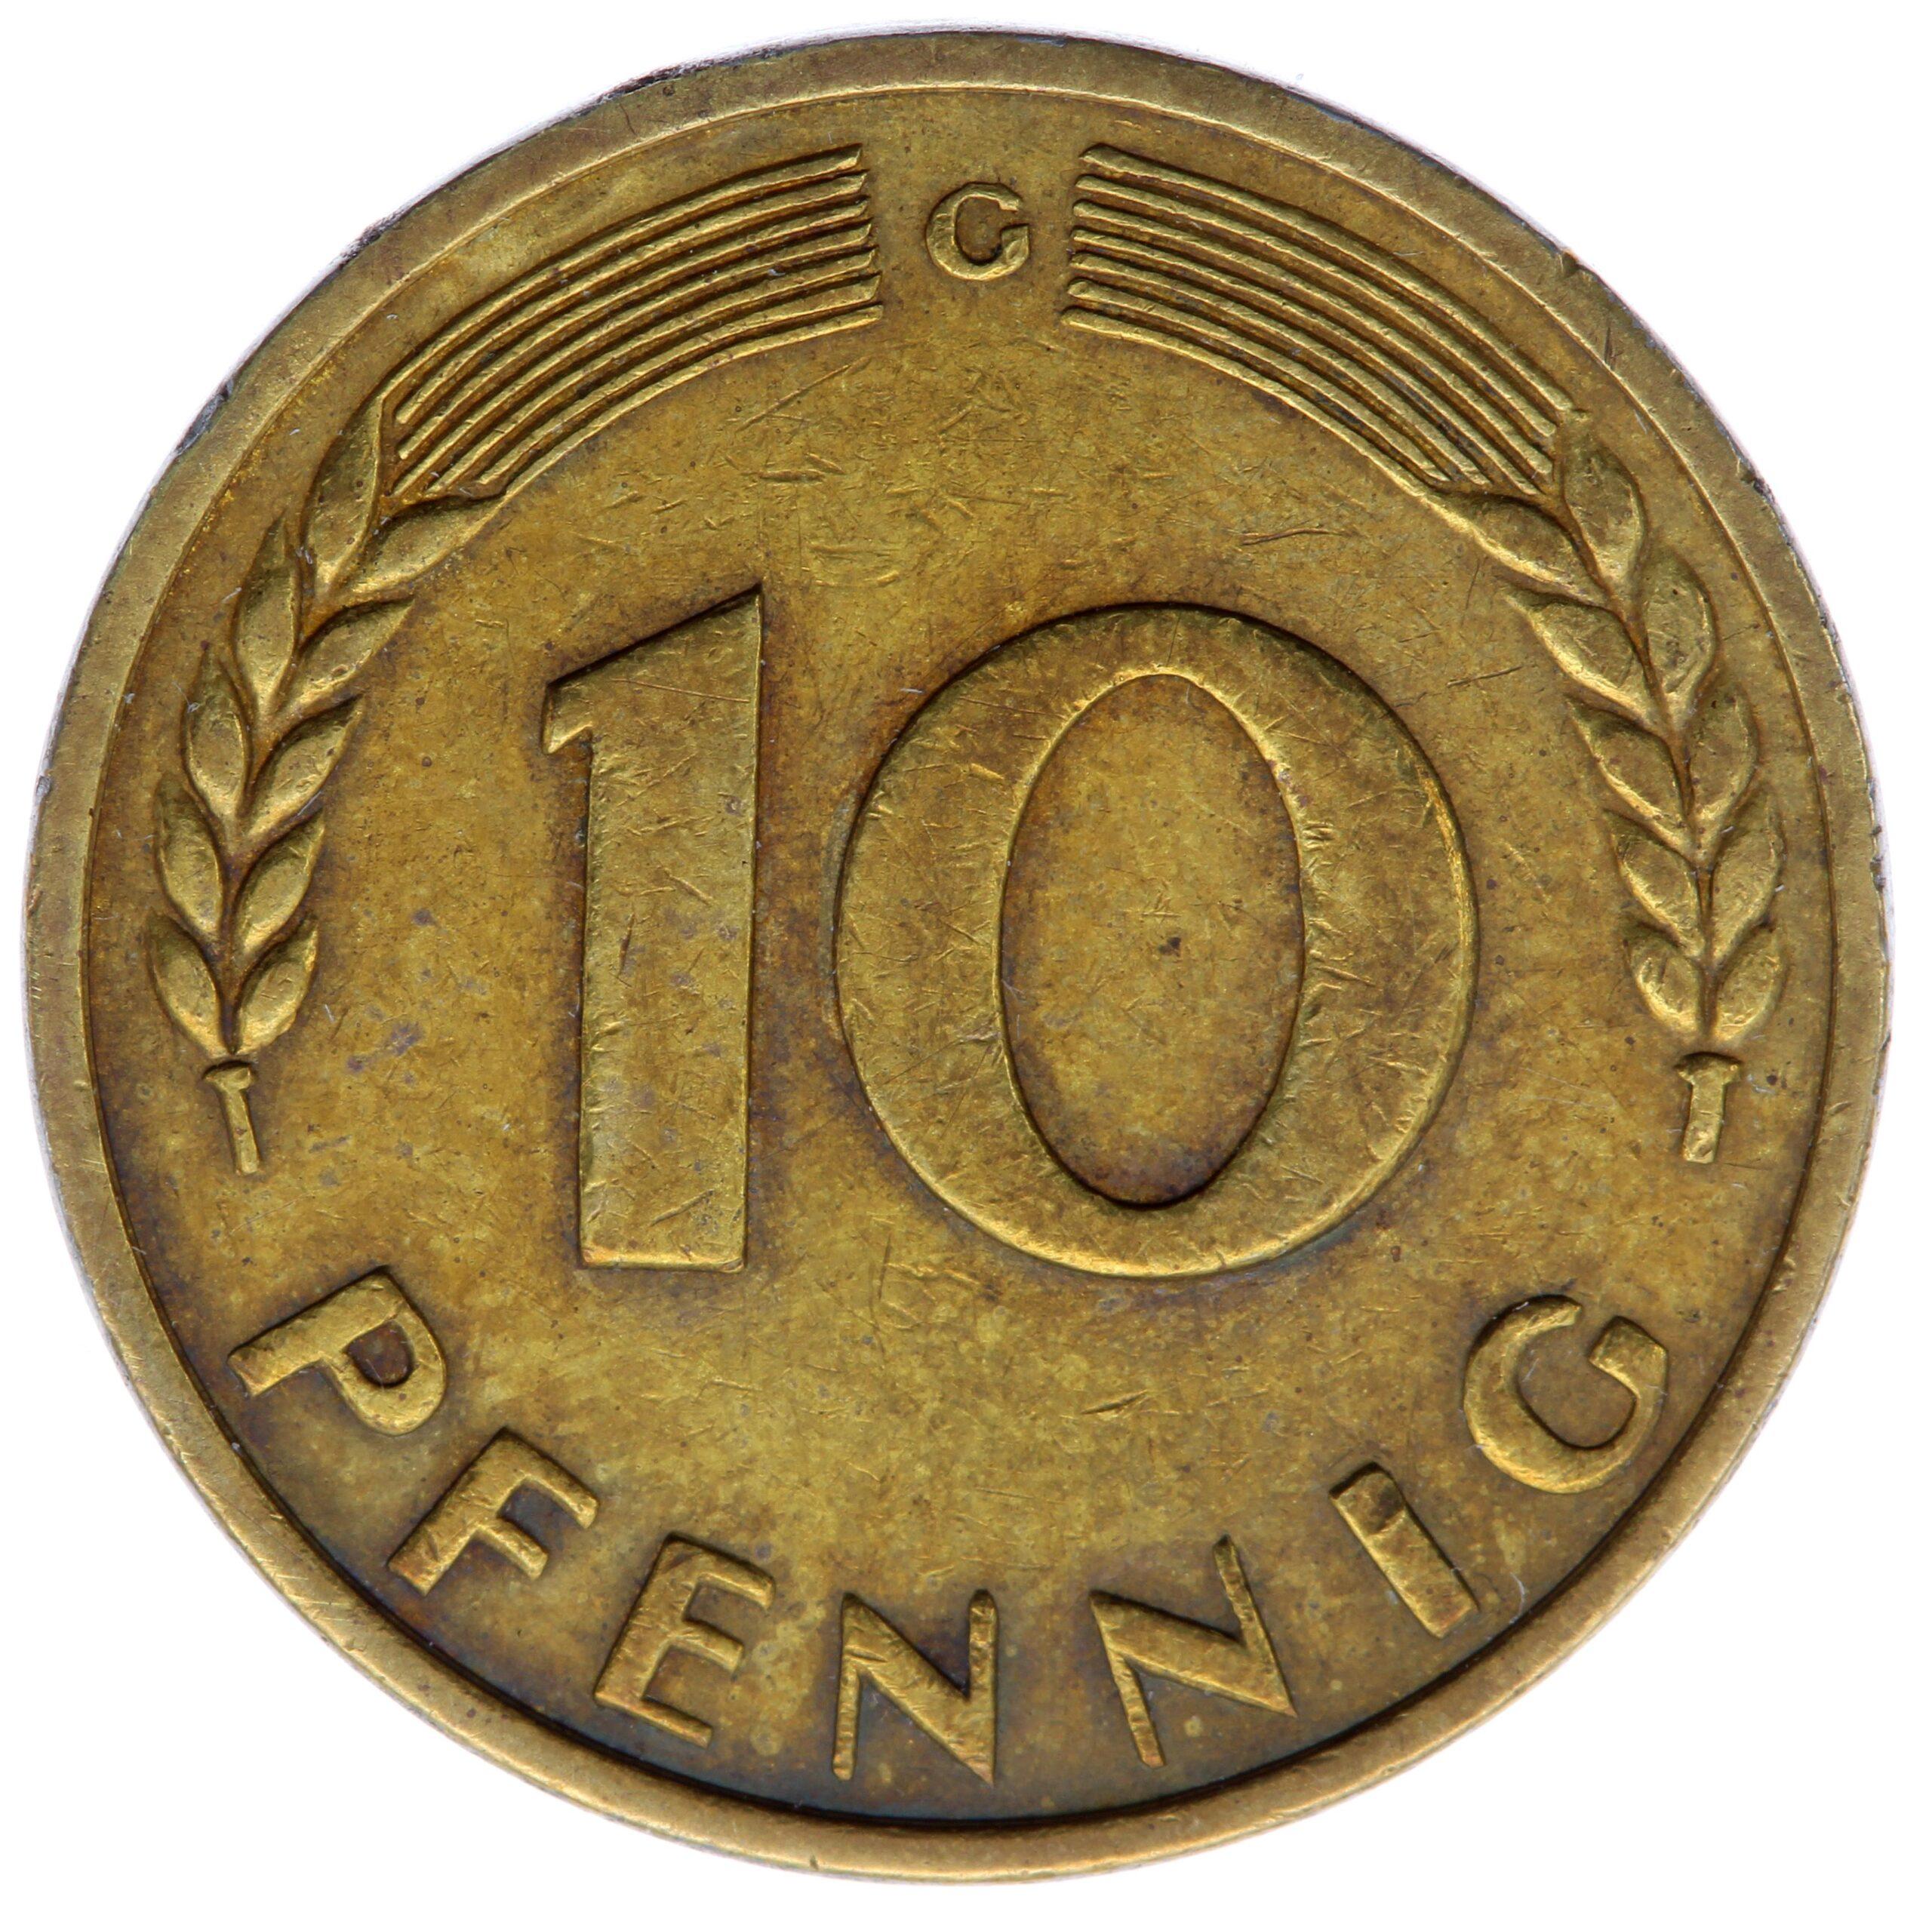 DE 10 Pfennig 1949 G